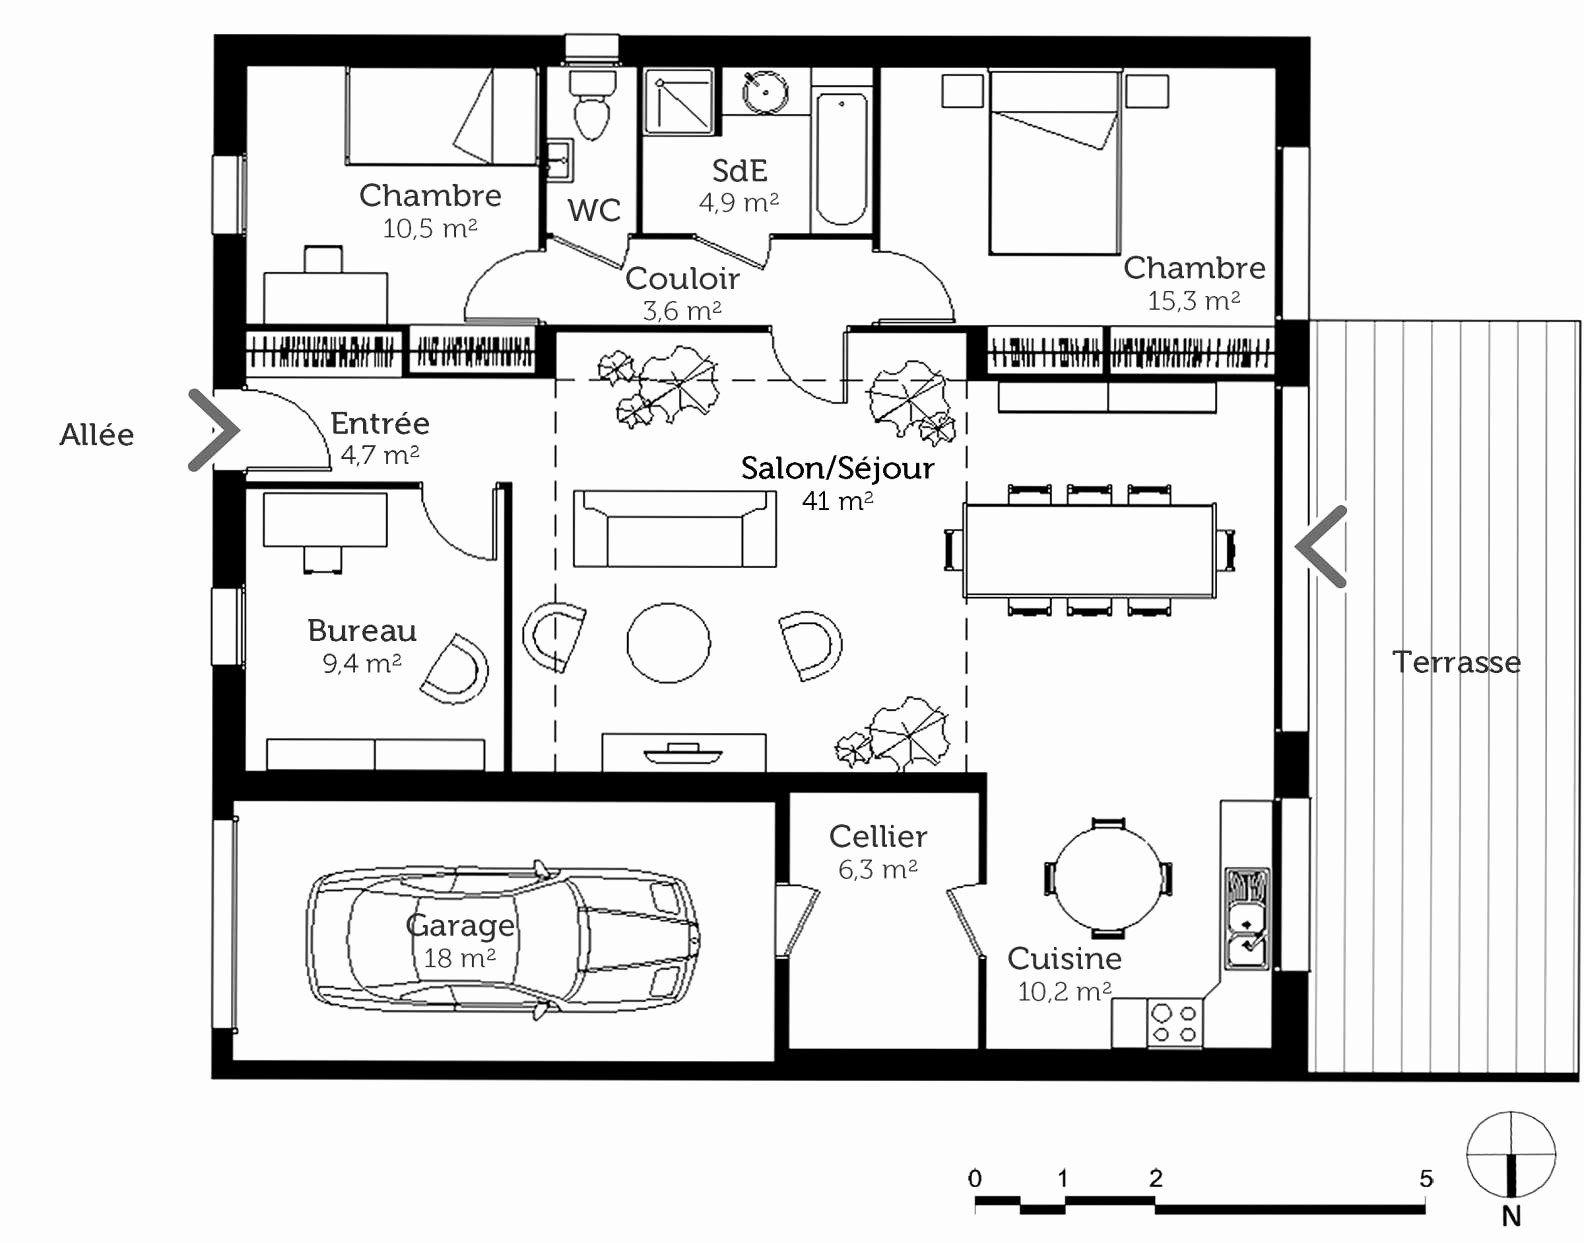 34 Plan De Maison De Plain Pied Avec 4 Chambres en 2020 | Plan maison 100m2, Plan maison 90m2 ...